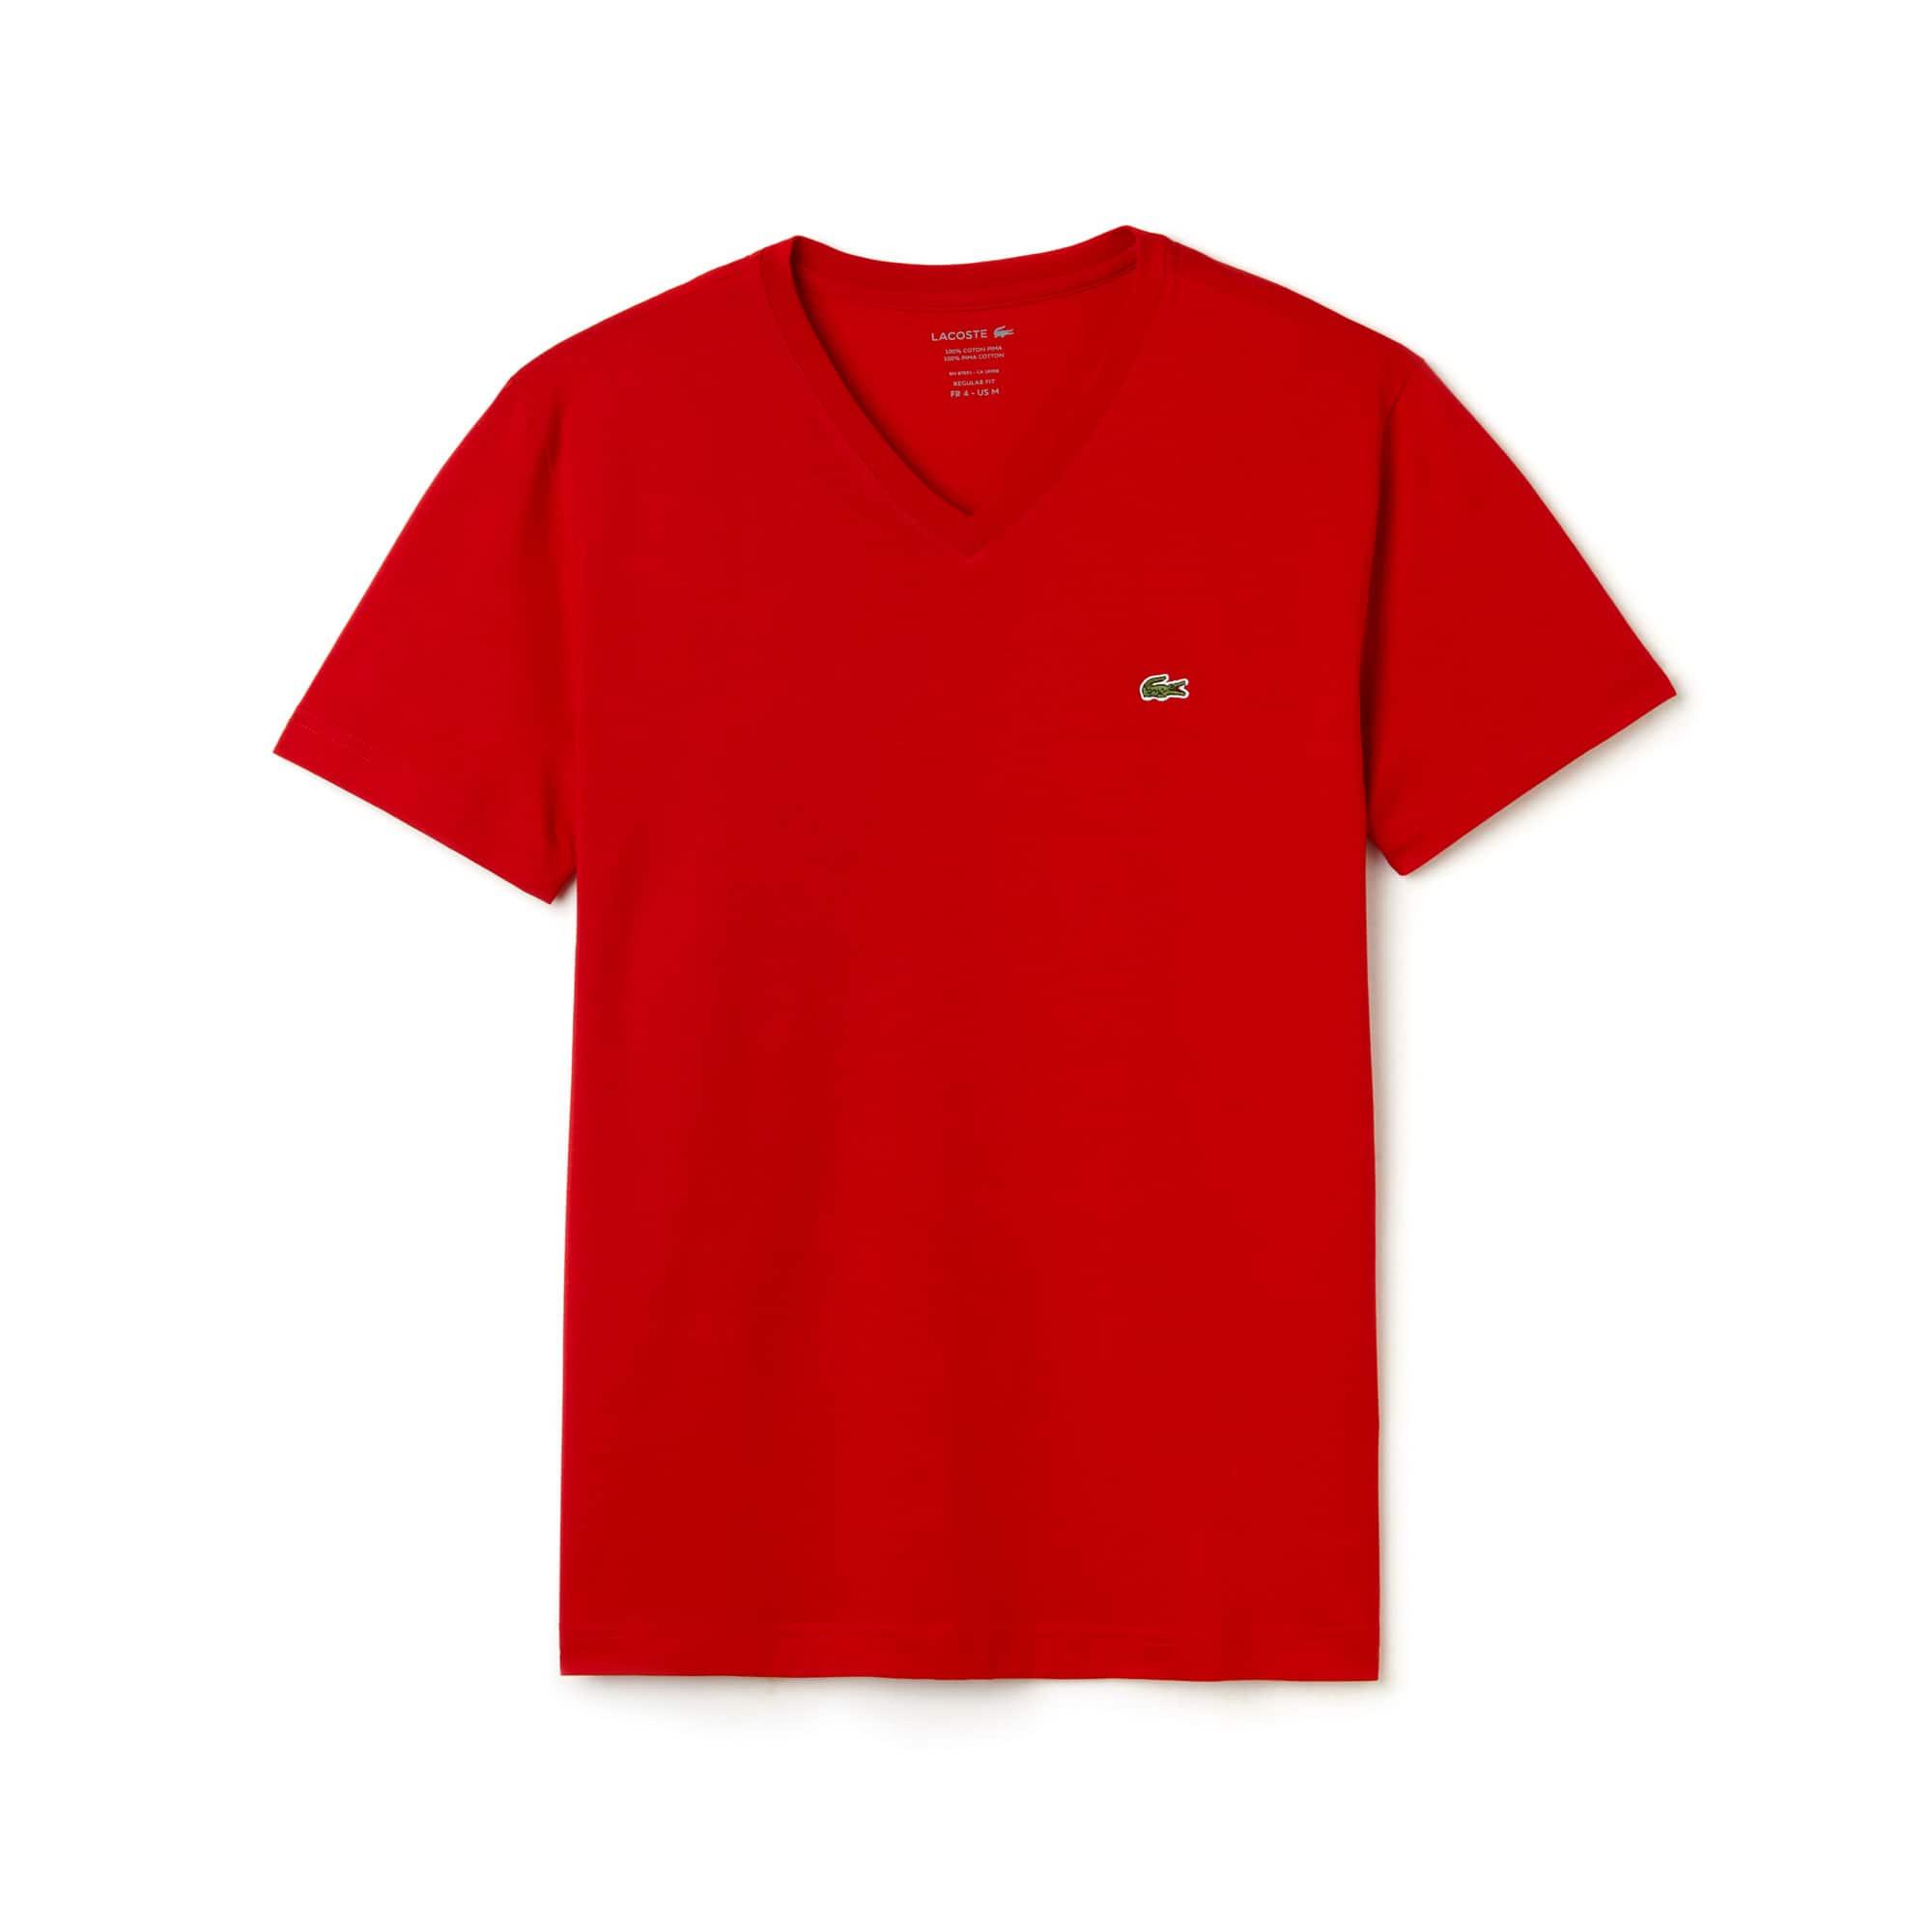 Camiseta regular fit masculina com gola V em algodão pima